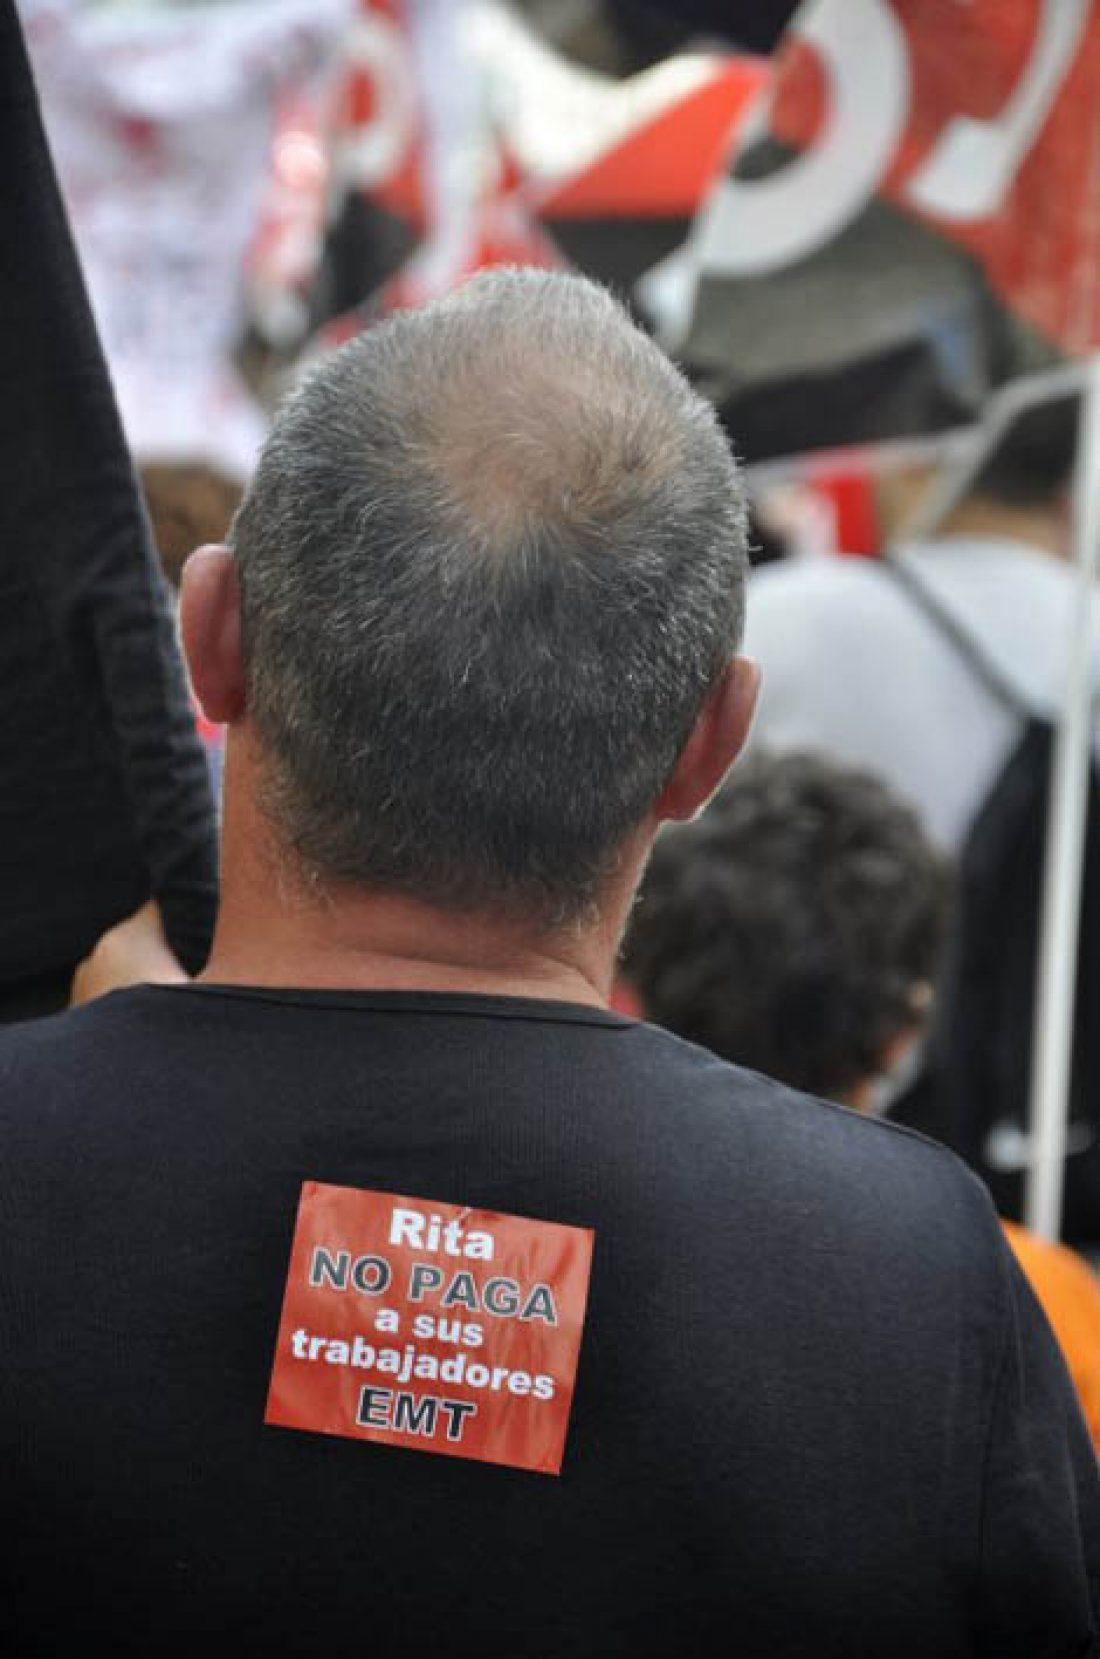 Fotos de la manifestación de apoyo a las luchas de EMT, RTVV, Teletech, Renfe en Valencia el 26 de julio